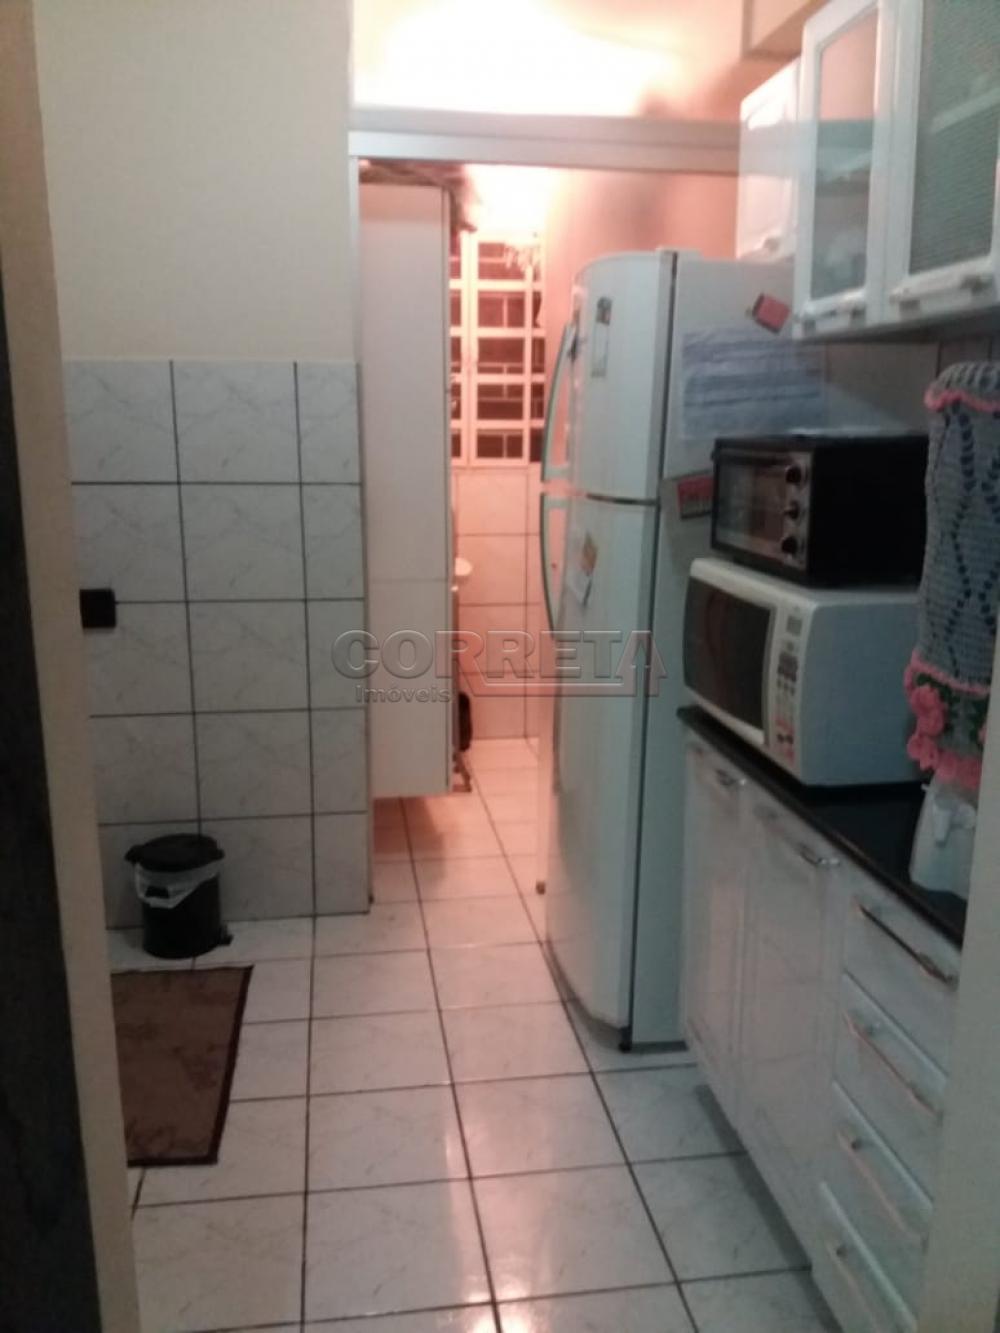 Comprar Apartamento / Padrão em Araçatuba R$ 110.000,00 - Foto 21